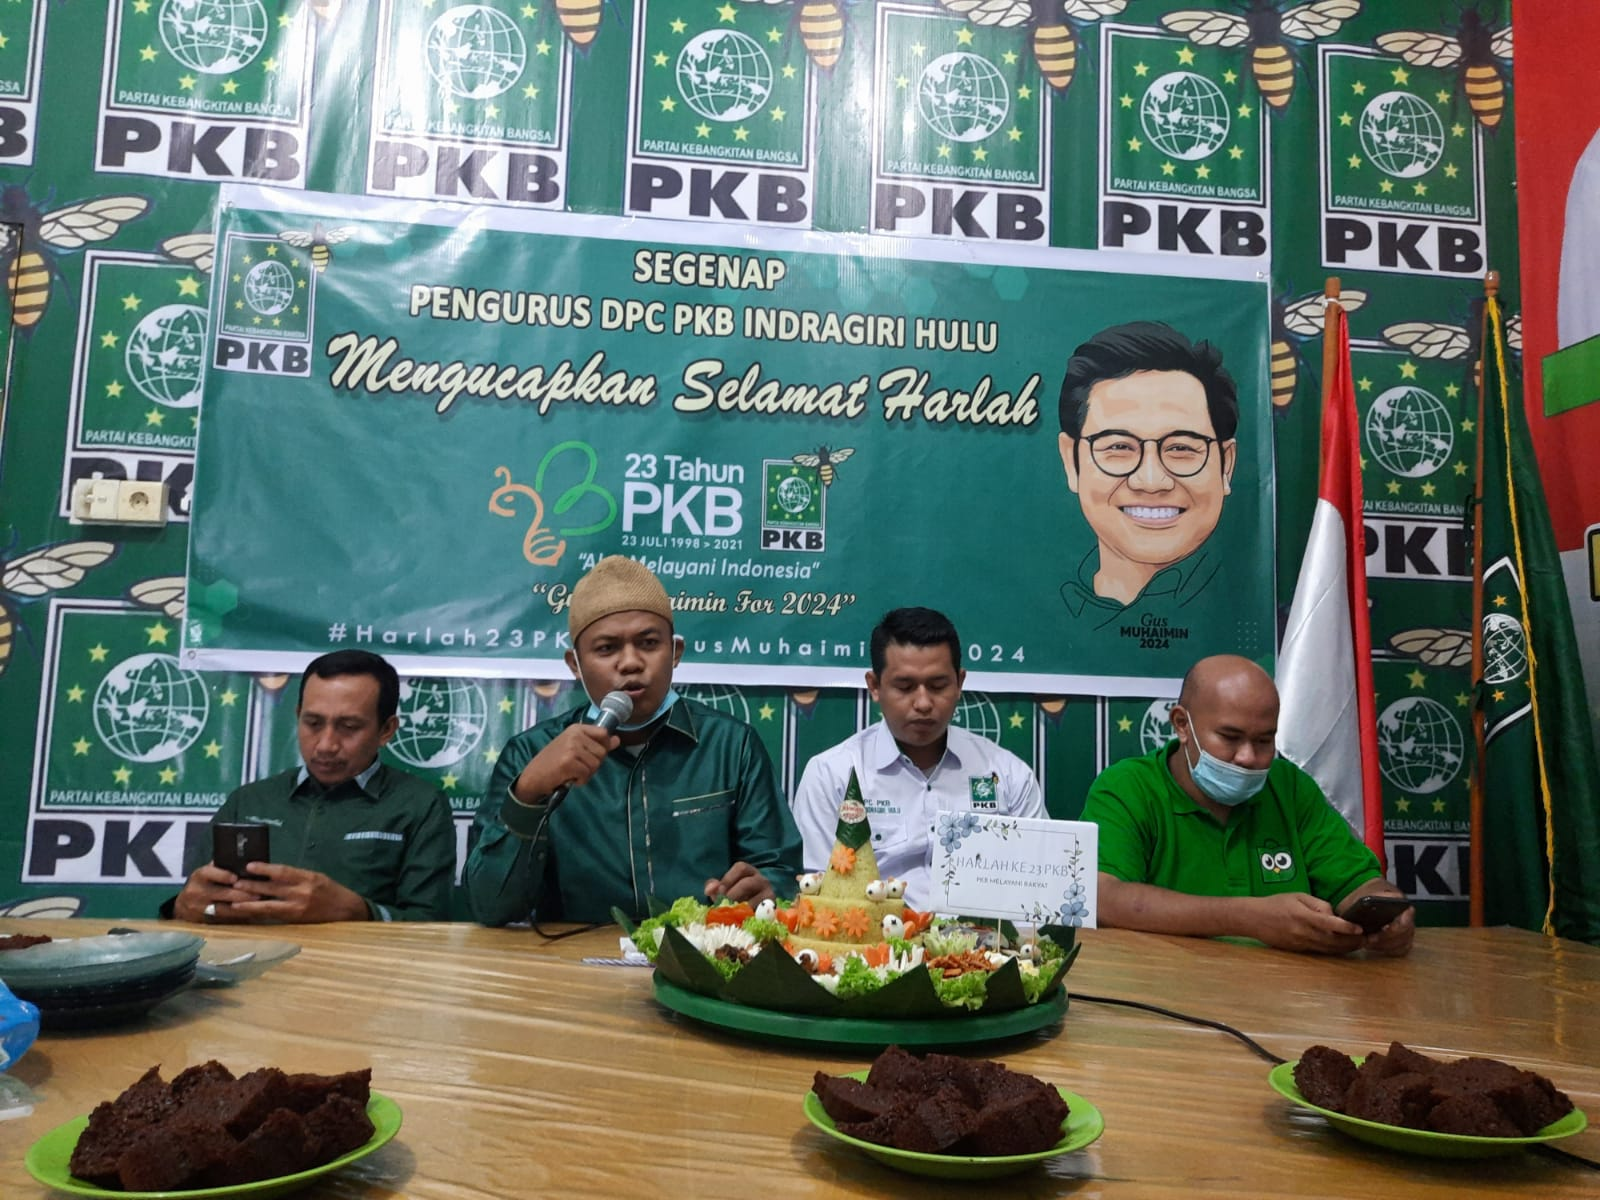 Harlah PKB ke 23, DPC Inhu Potong Tumpeng & Siap Menagkan Gus Ami Sebagai Presiden RI